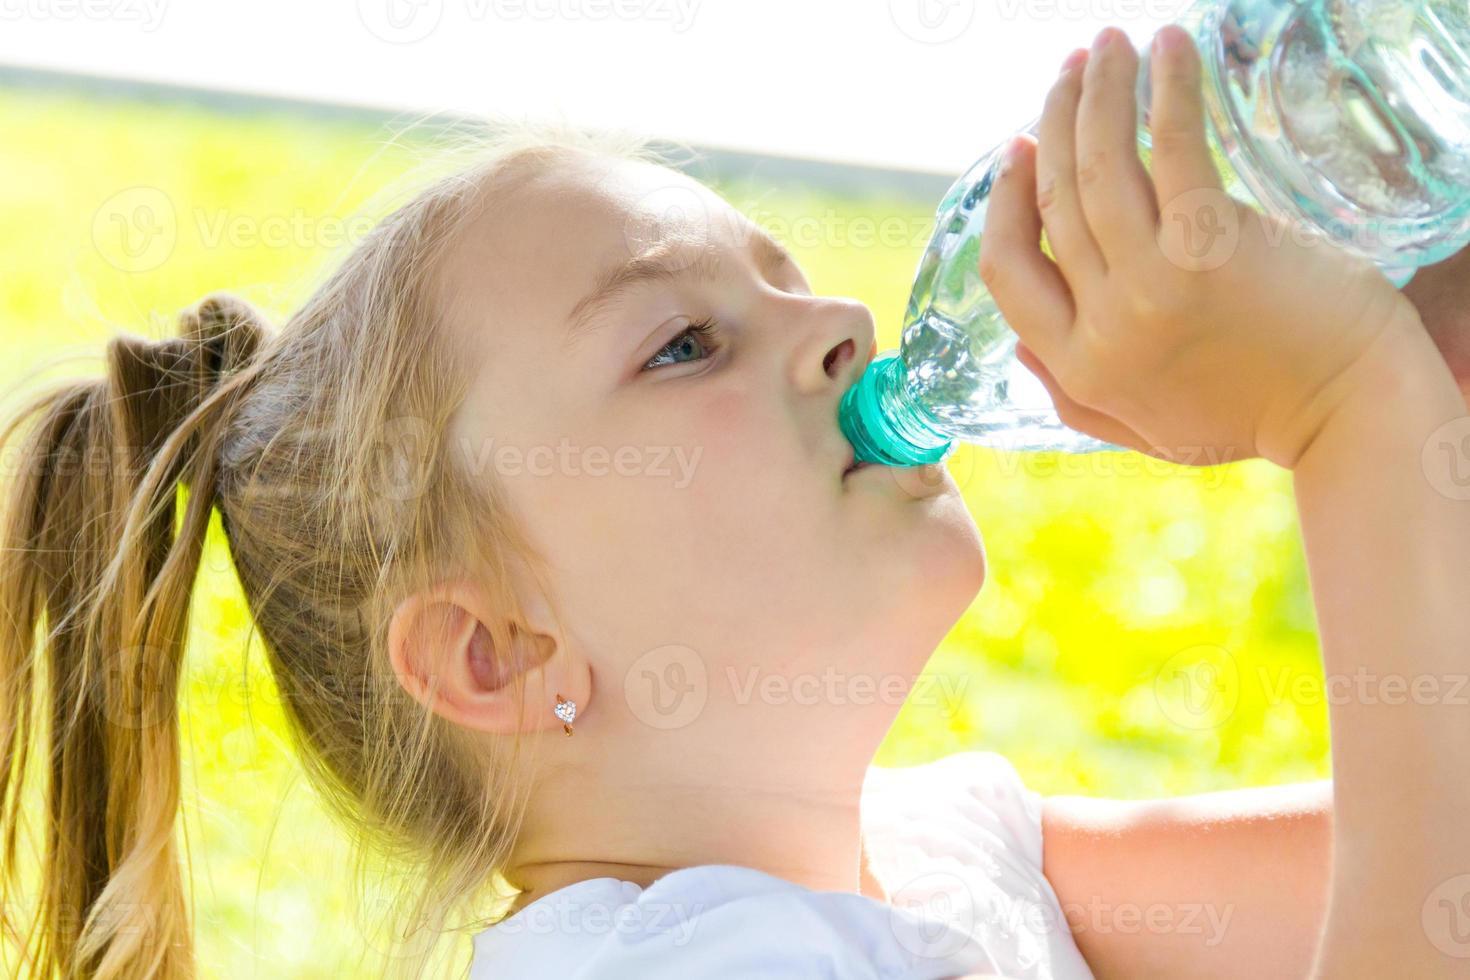 schattig meisje drinkwater foto